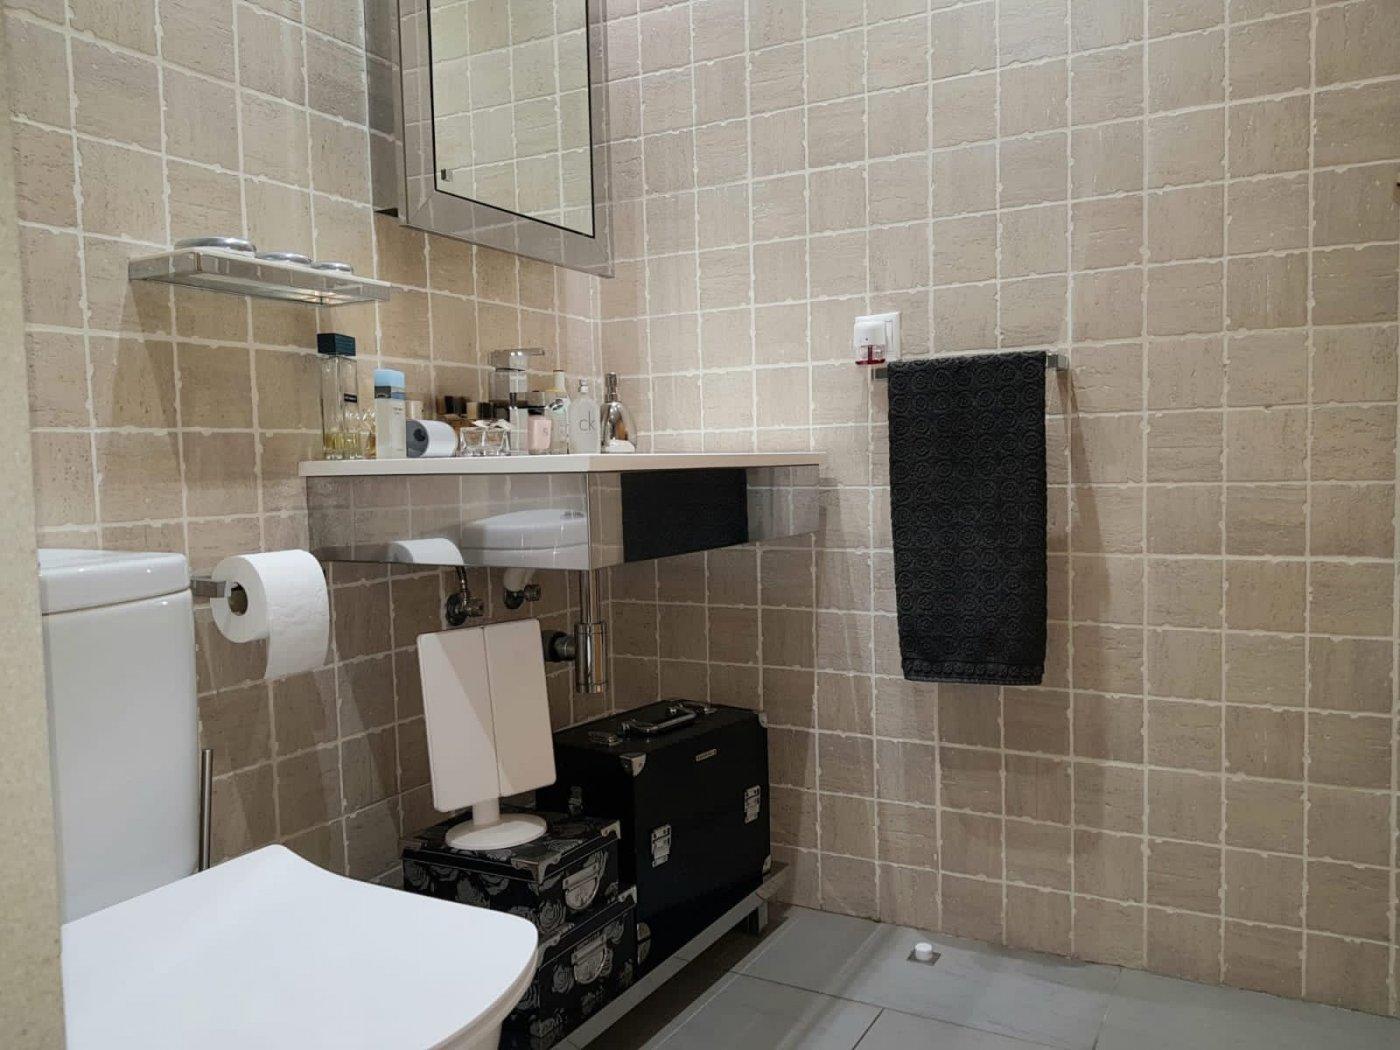 Se vende bonito apartamento semi nuevo con parking en andratx - imagenInmueble24